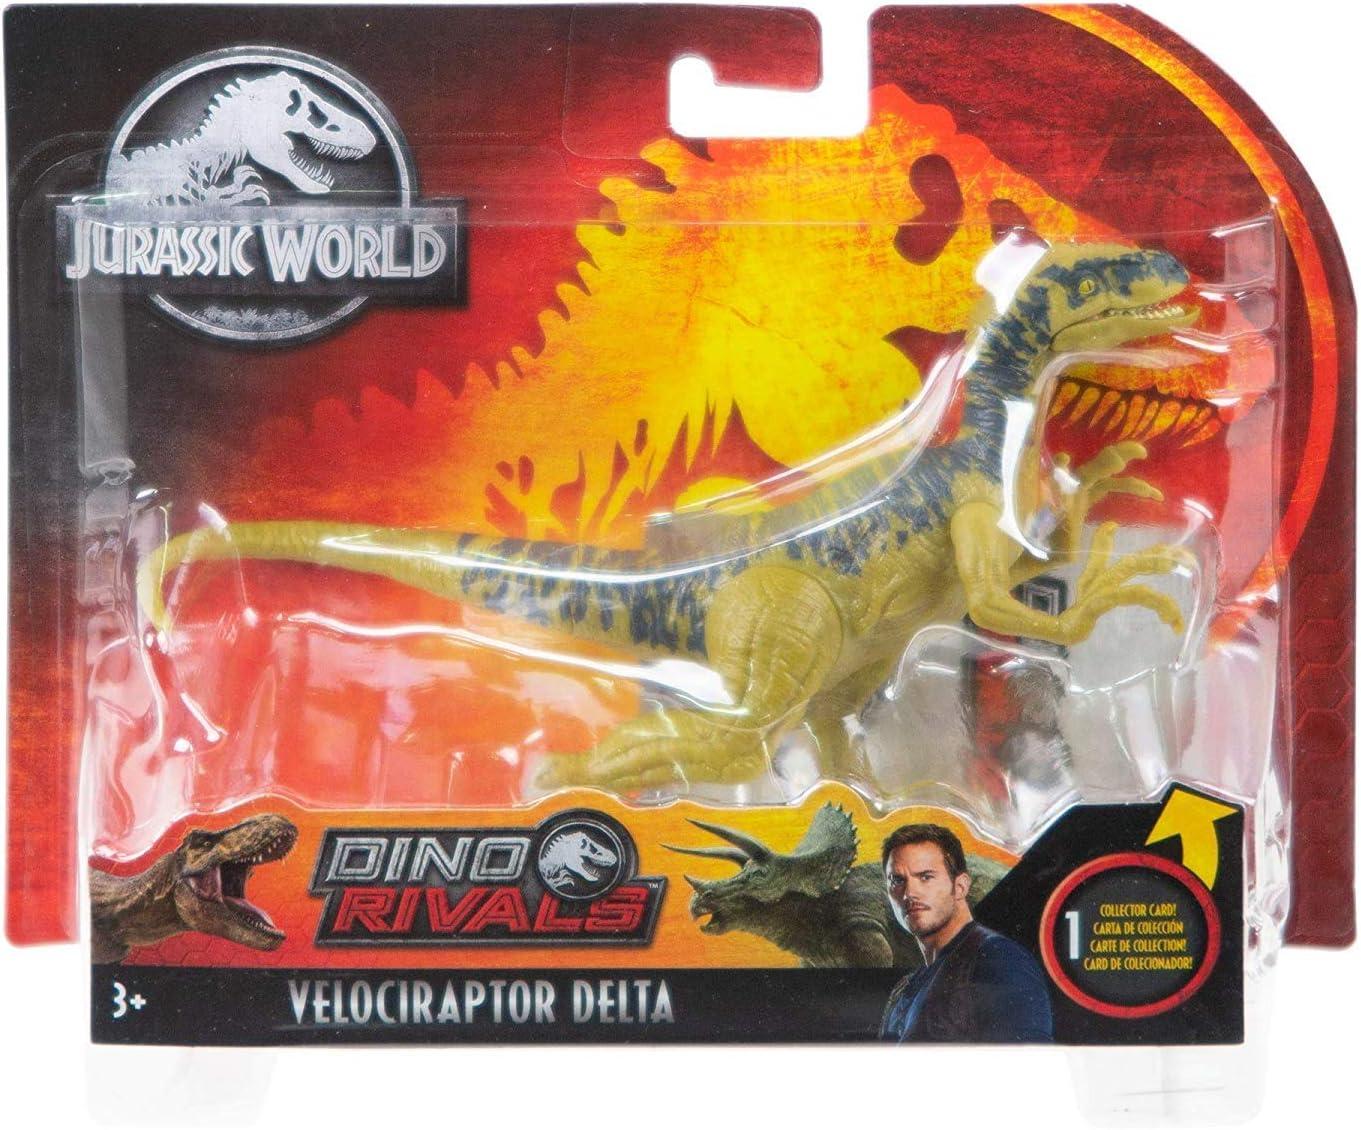 JURASSIC WORLD Dino rivali Velociraptor DINOSAURO ECHO Action Figure Nuovo